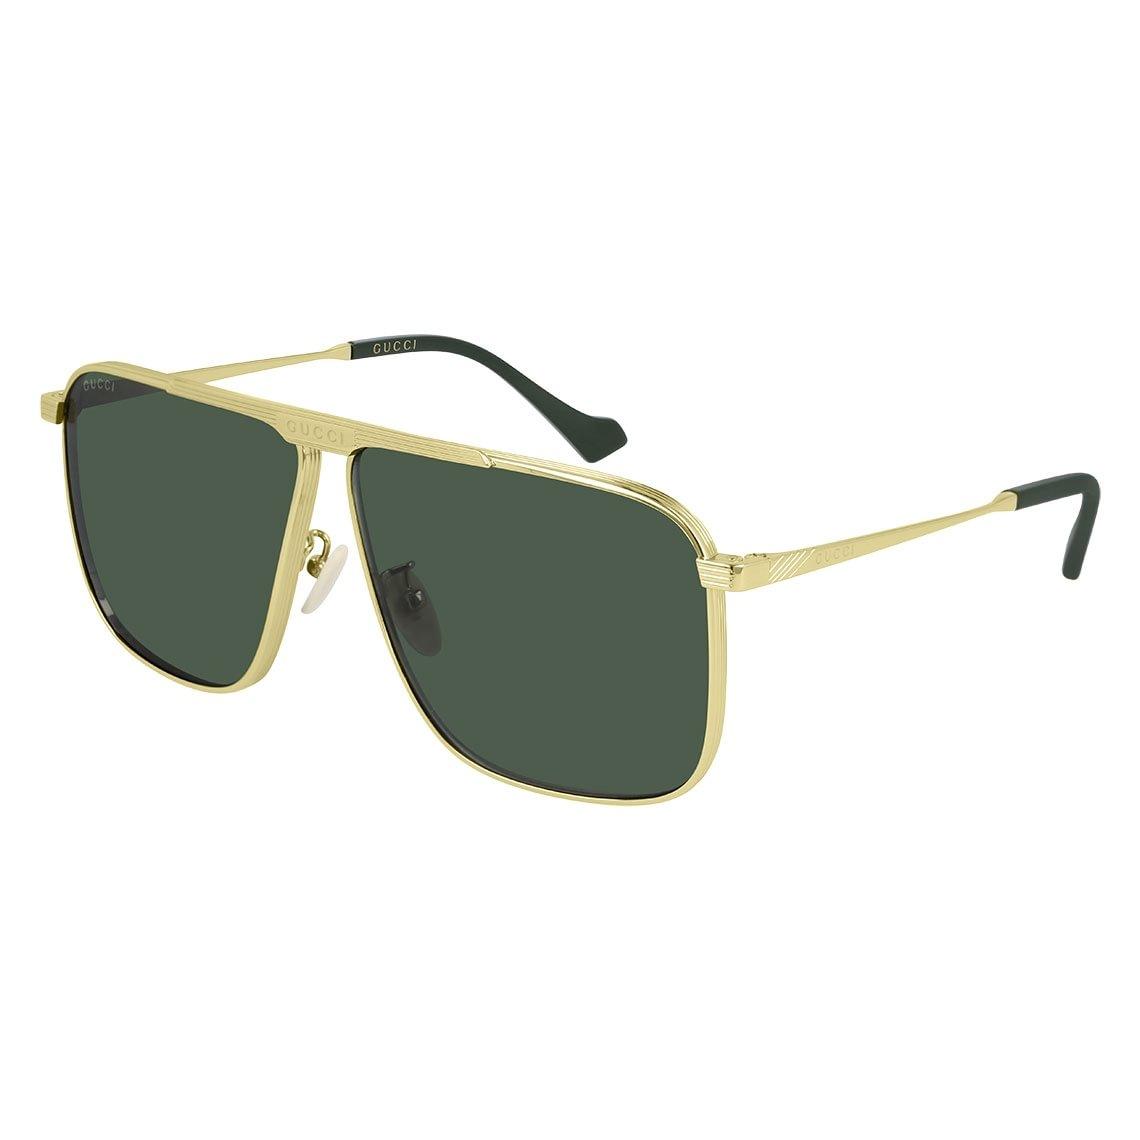 Gucci GG 0840S 002 6310